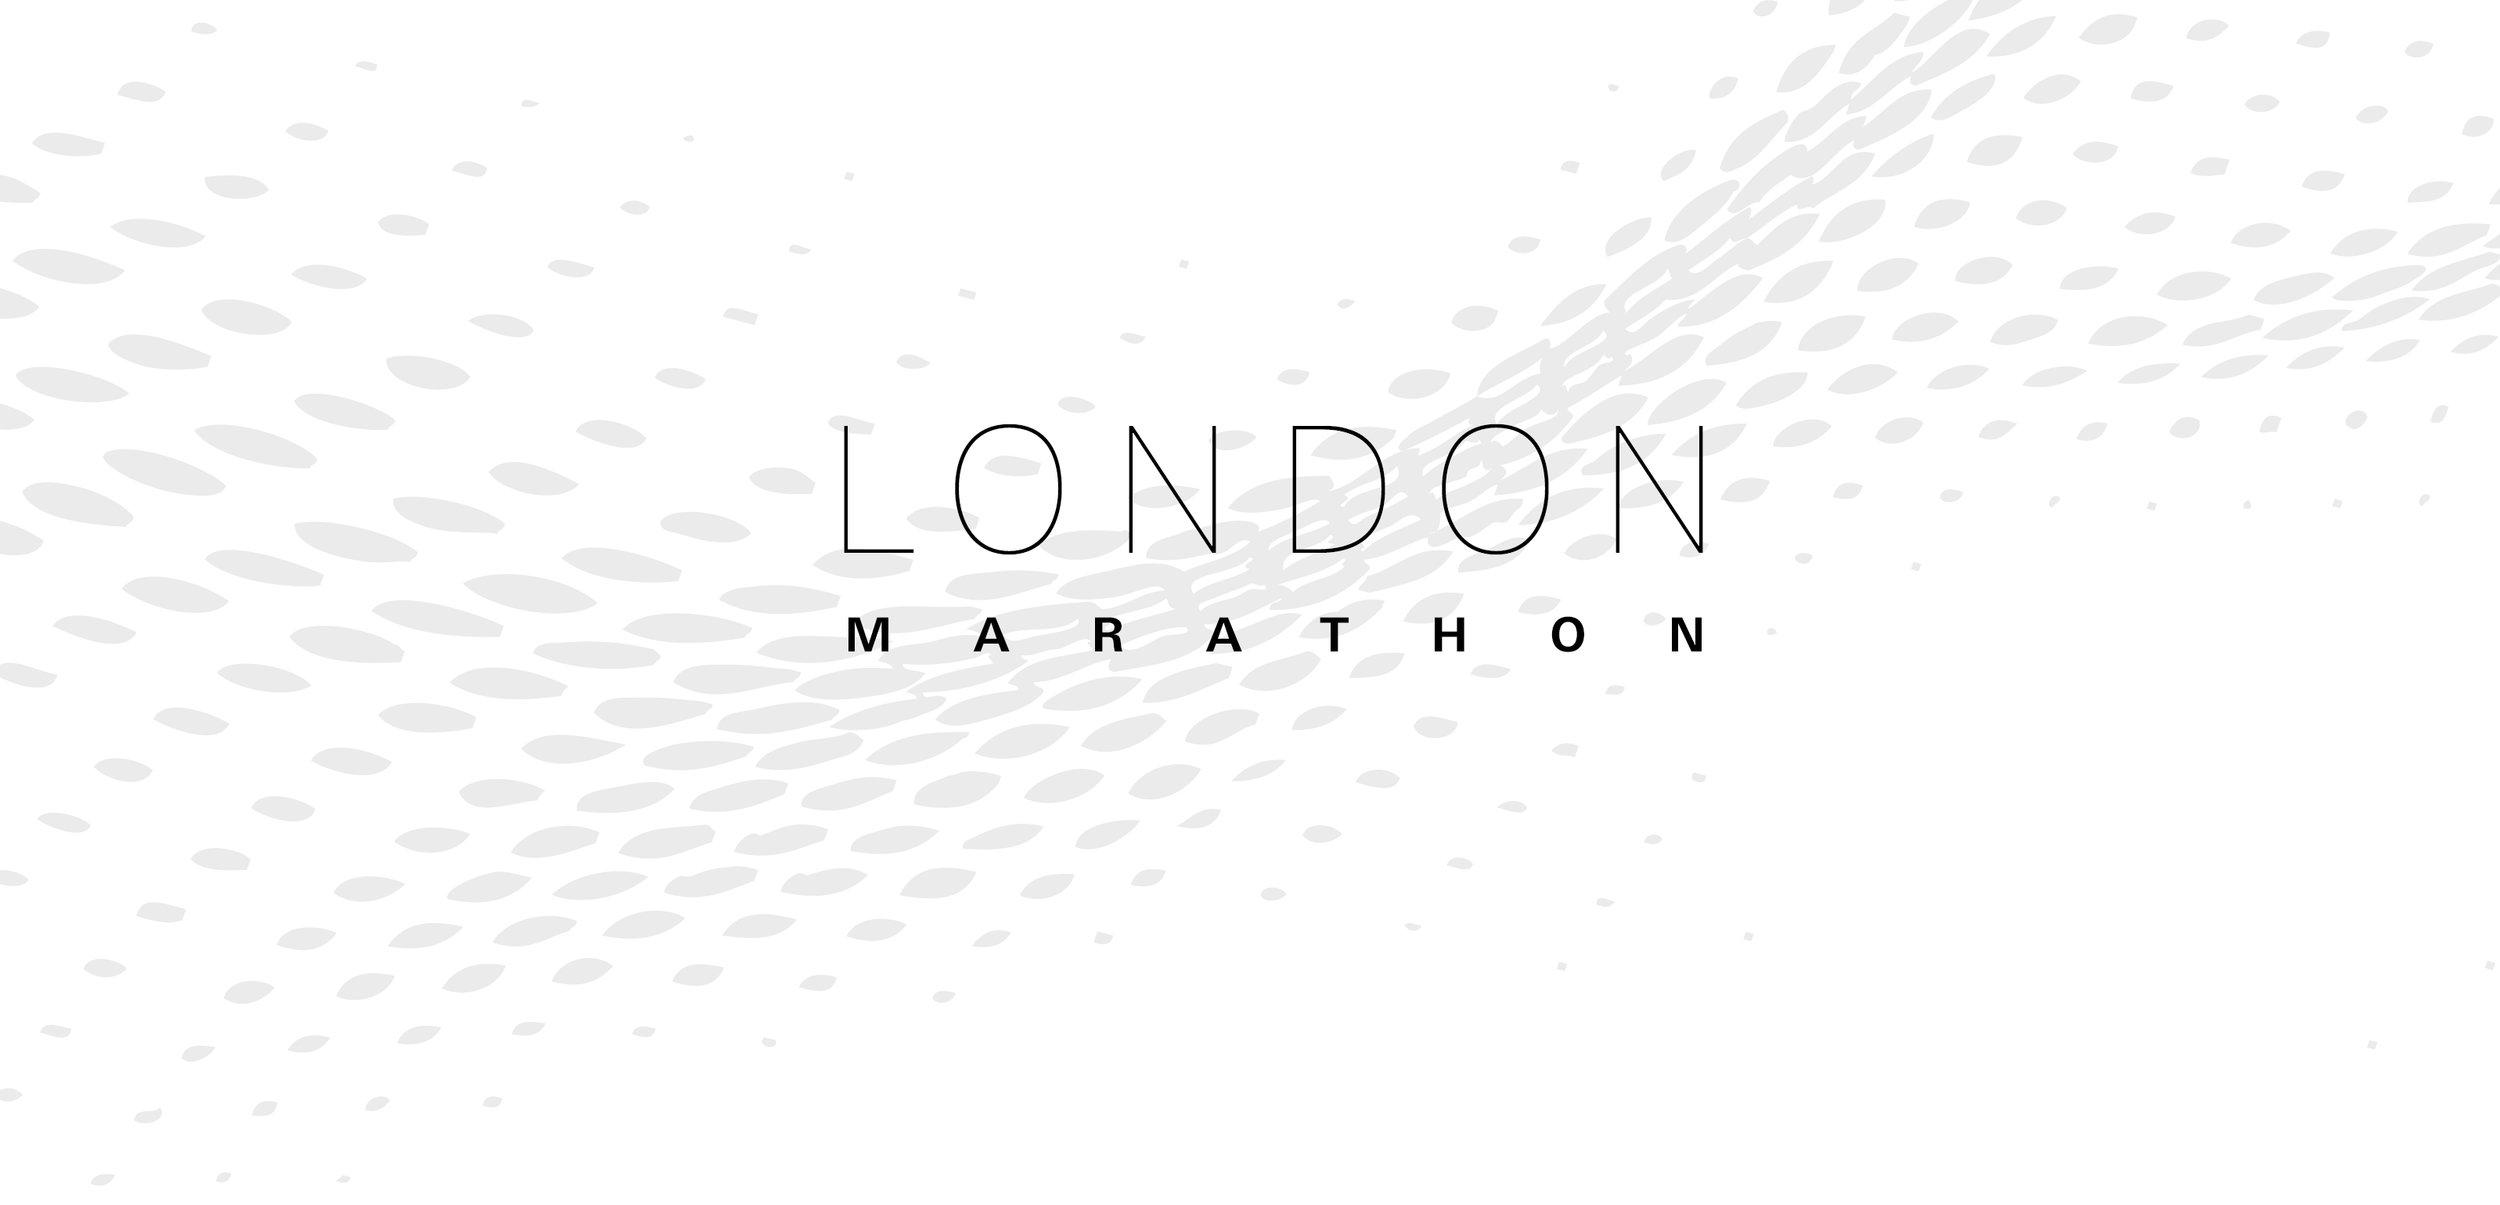 LondonMarathon_Header.jpg